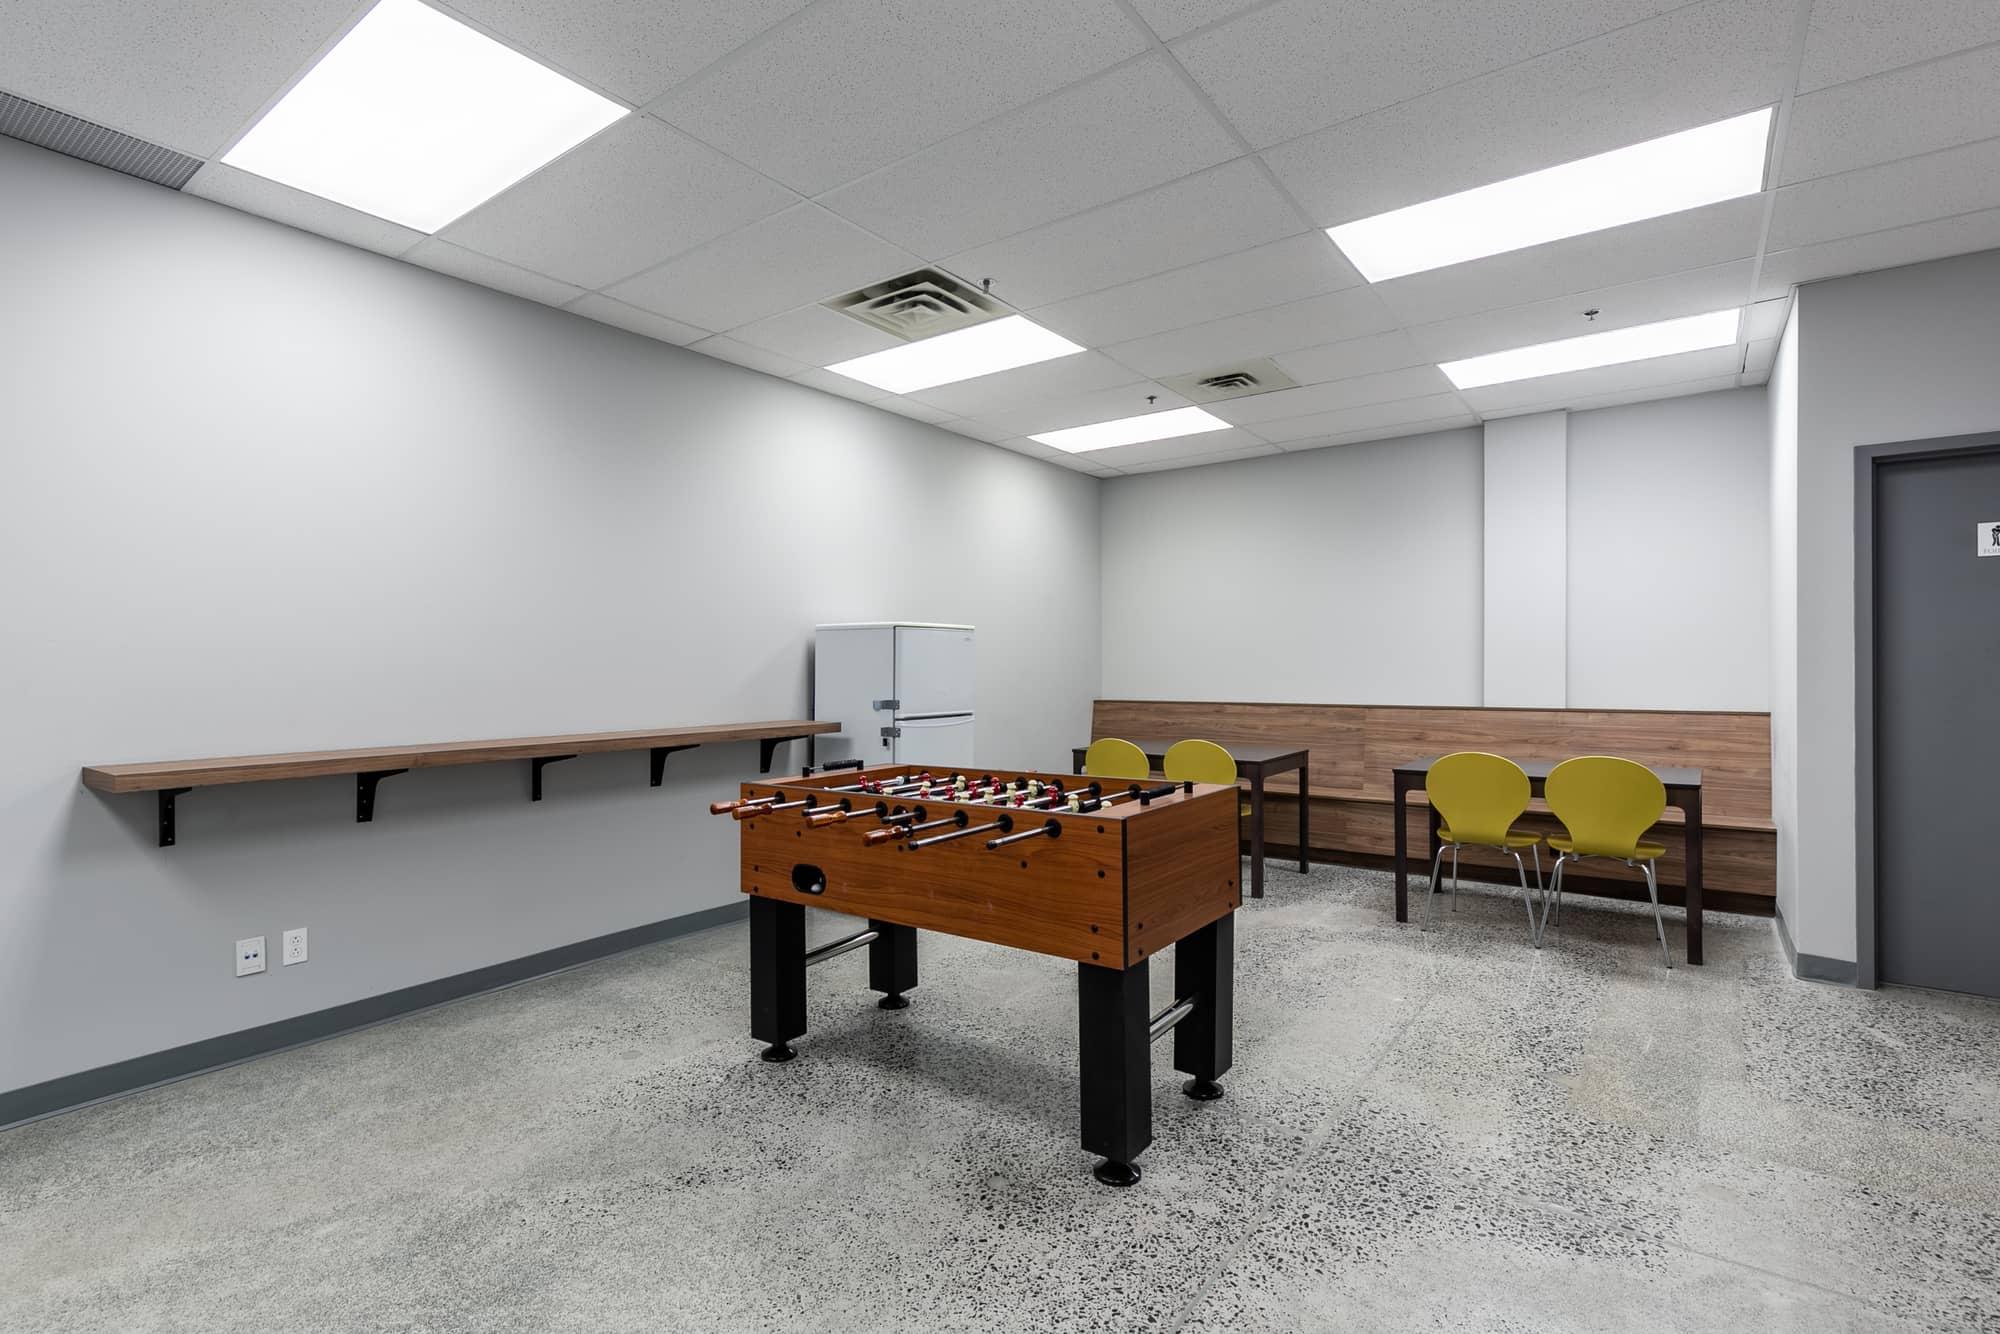 salle de repos dans une entreprise nouvellement rénovée avec table de baby foot, réfrigérateur et tables